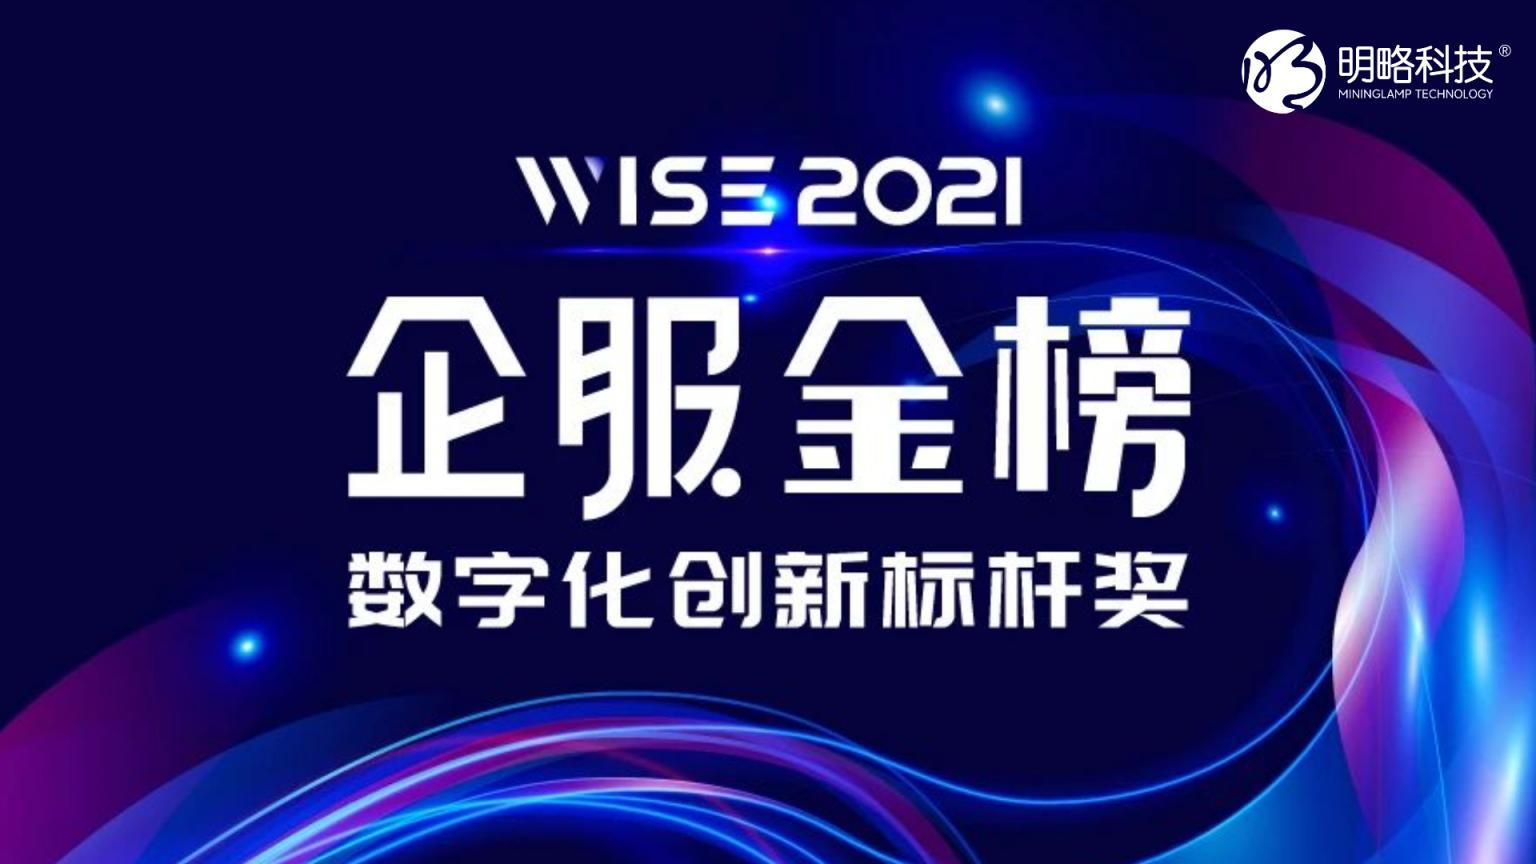 明略科技再度荣登36氪「WISE2021企服金榜」